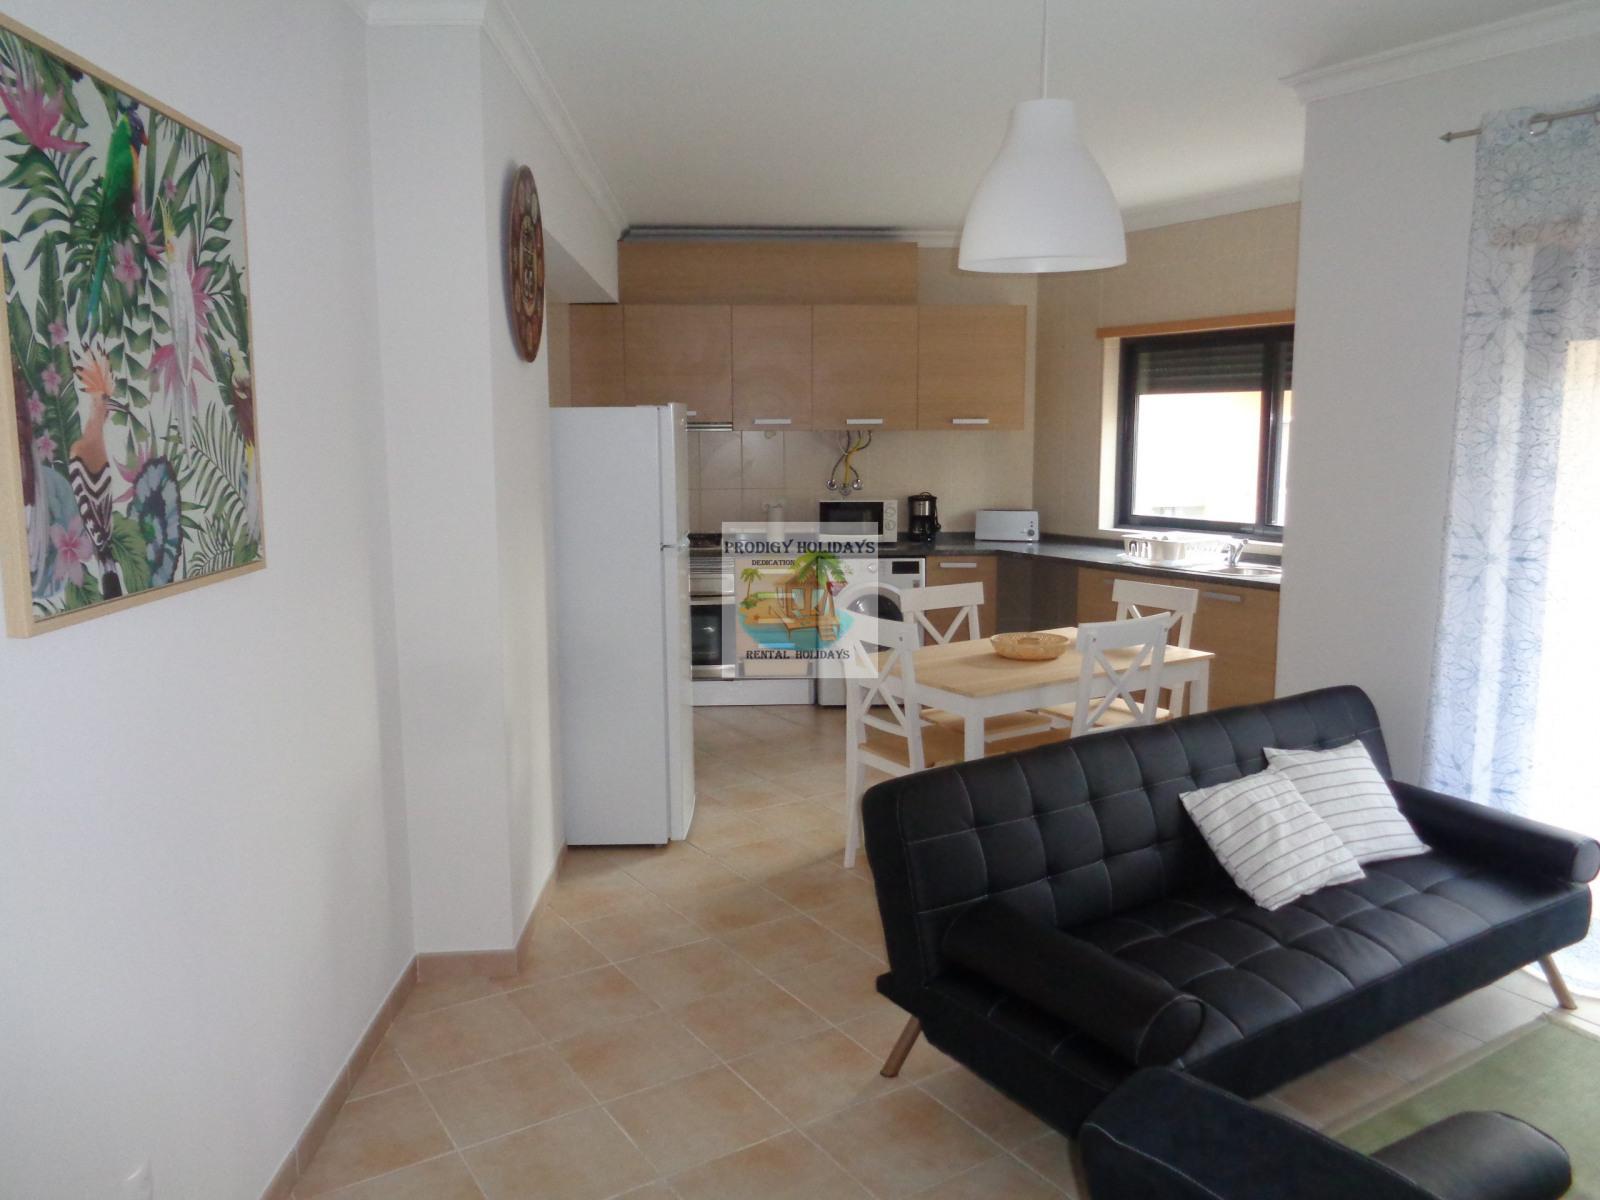 imagens-apartamentos-17-scaled